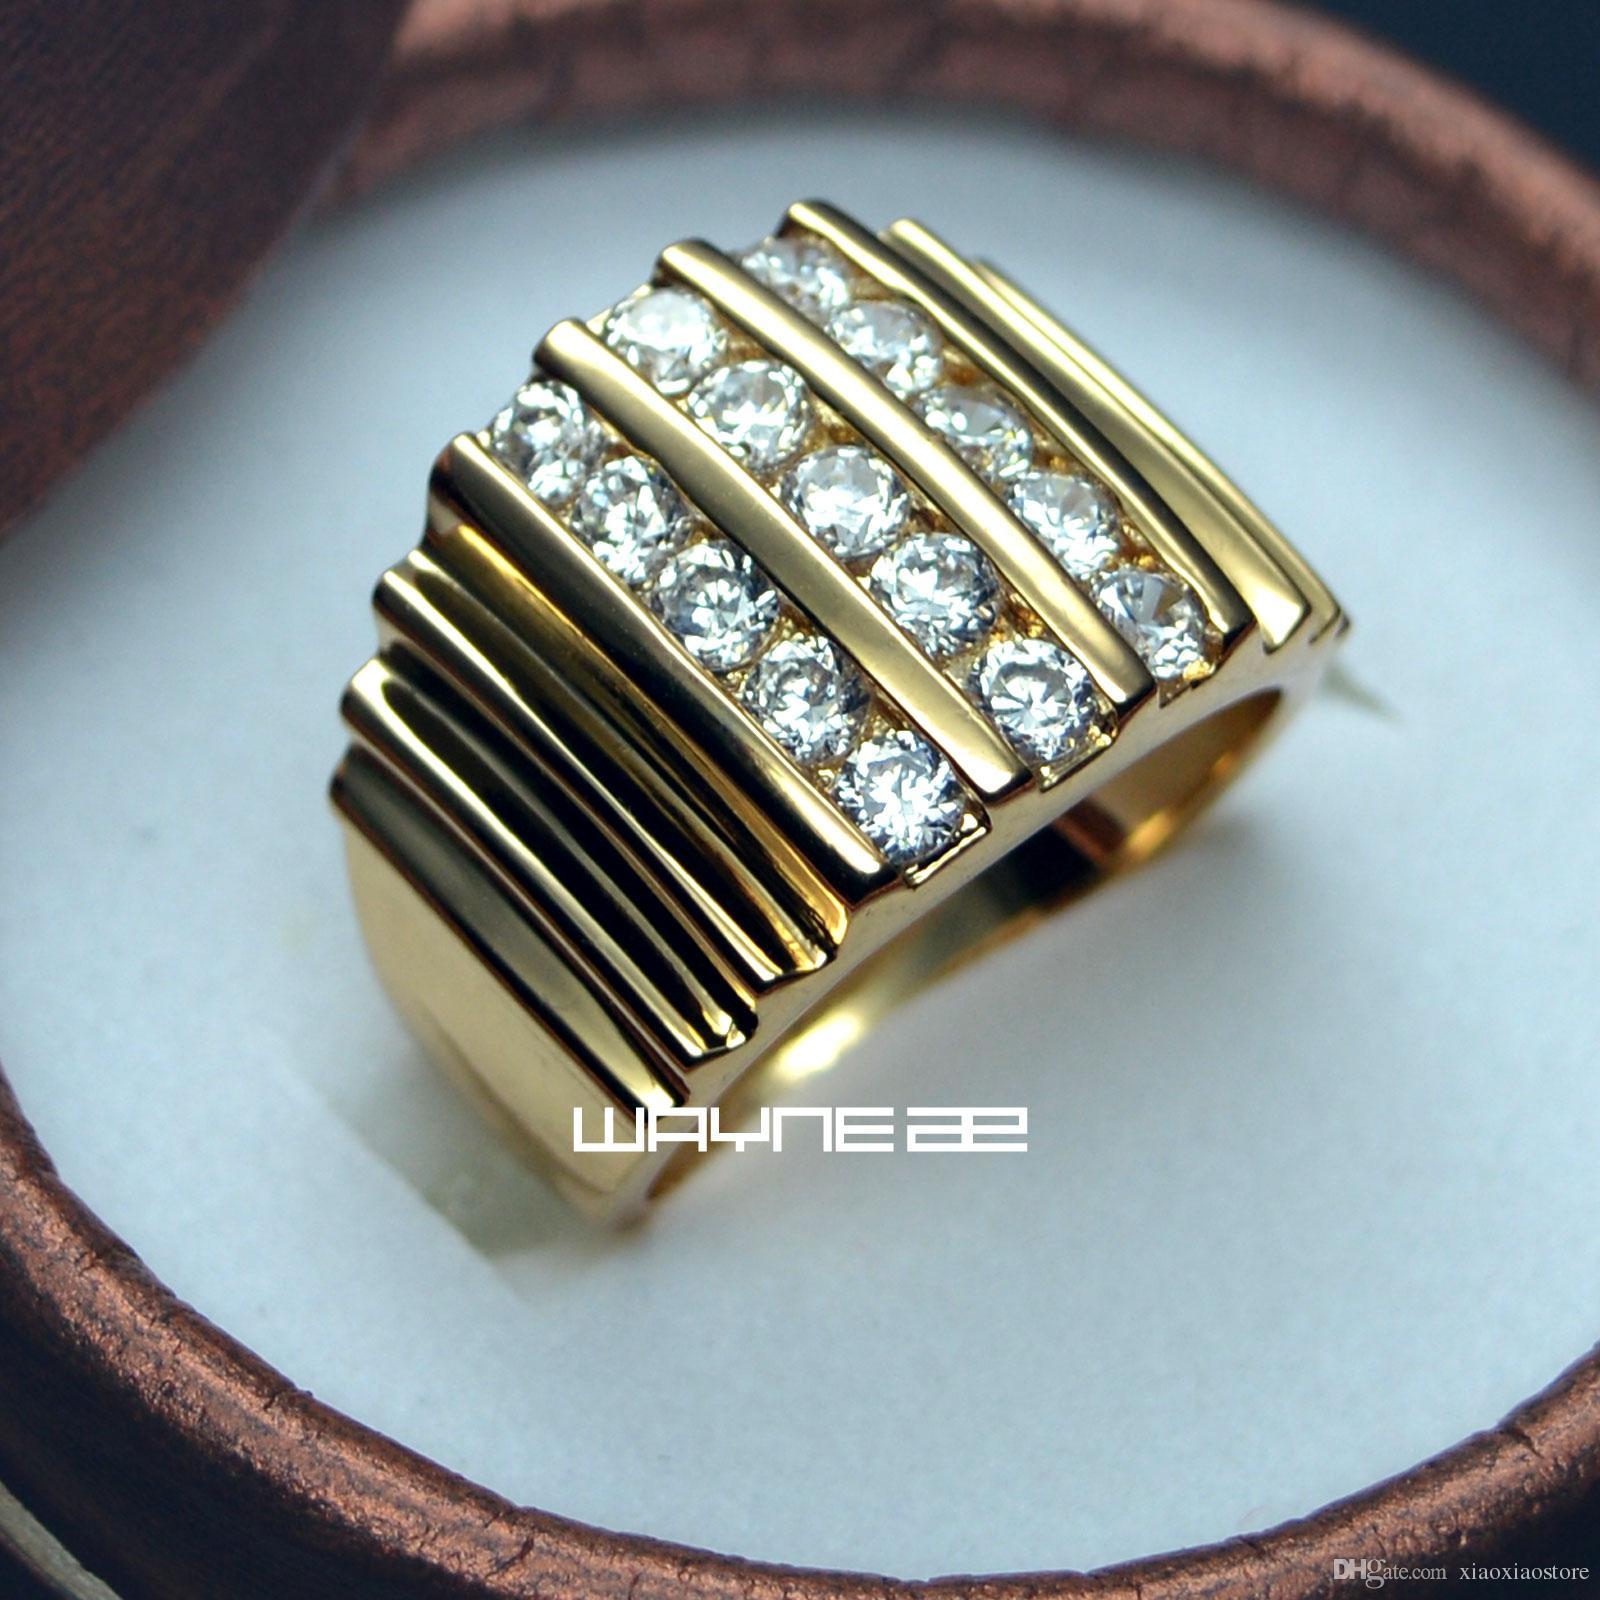 Anello in oro 18k GF creato diamante Anello da fidanzamento da uomo, misura grande, misura 9-15 R117